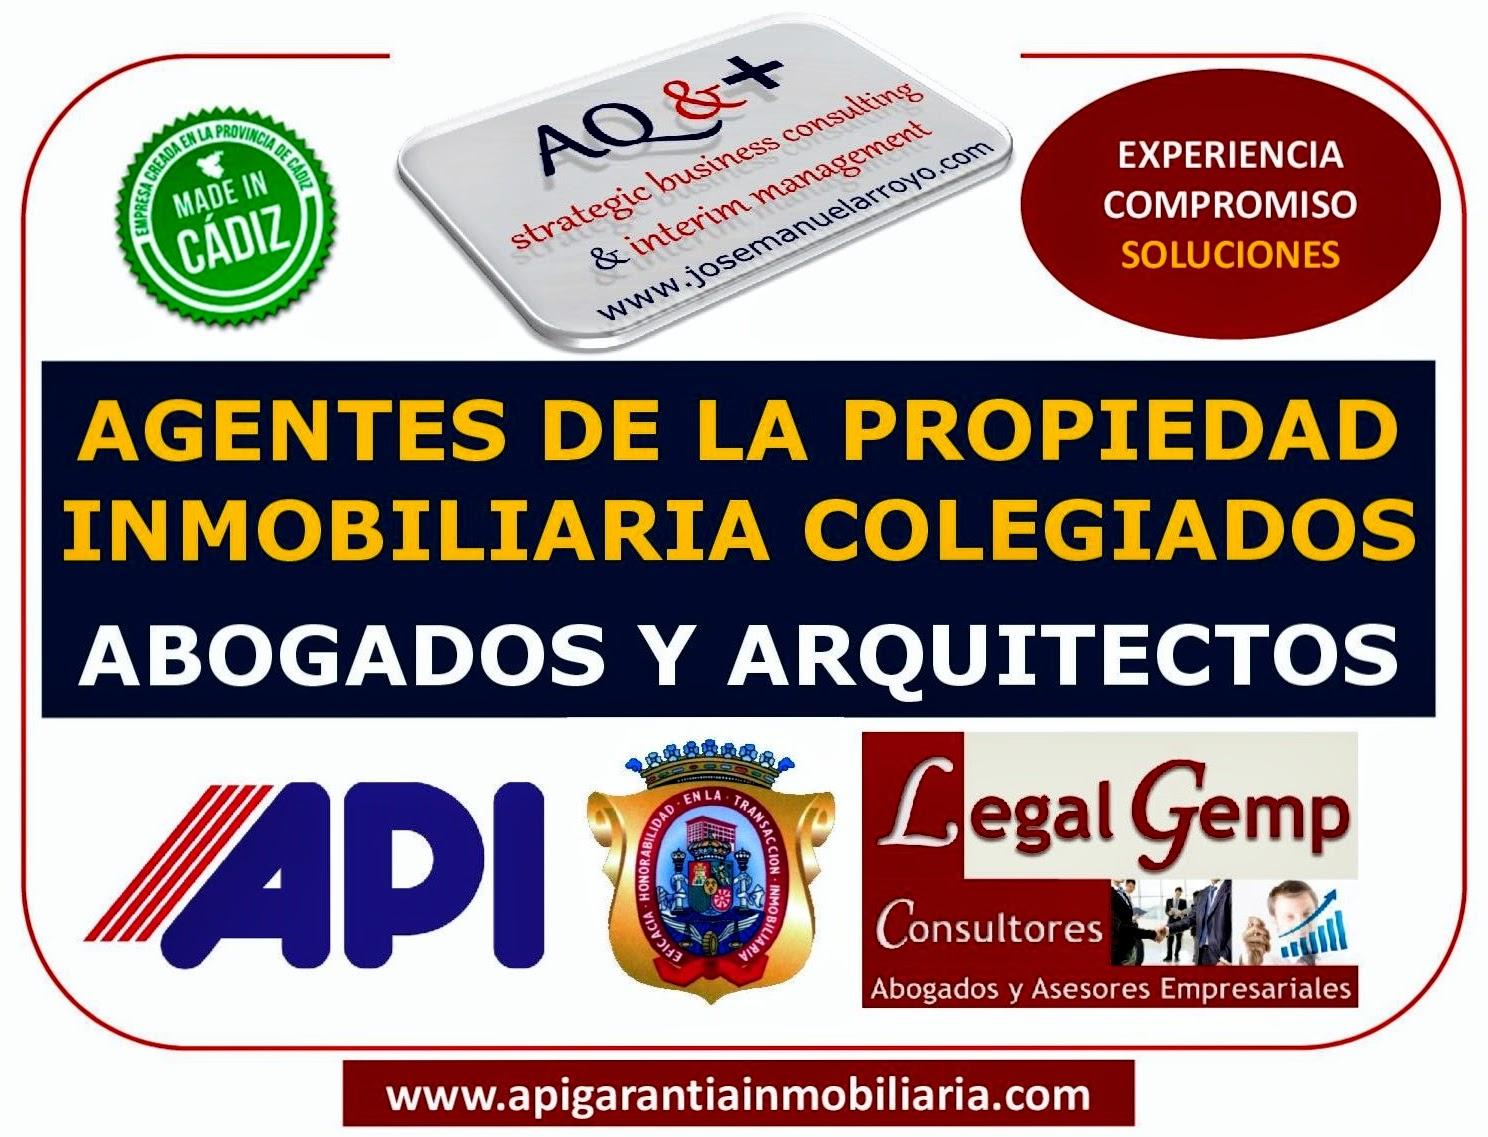 AGENTES DE LA PROPIEDAD INMOBILIARIA COLEGIADOS, ABOGADOS Y ARQUITECTOS.